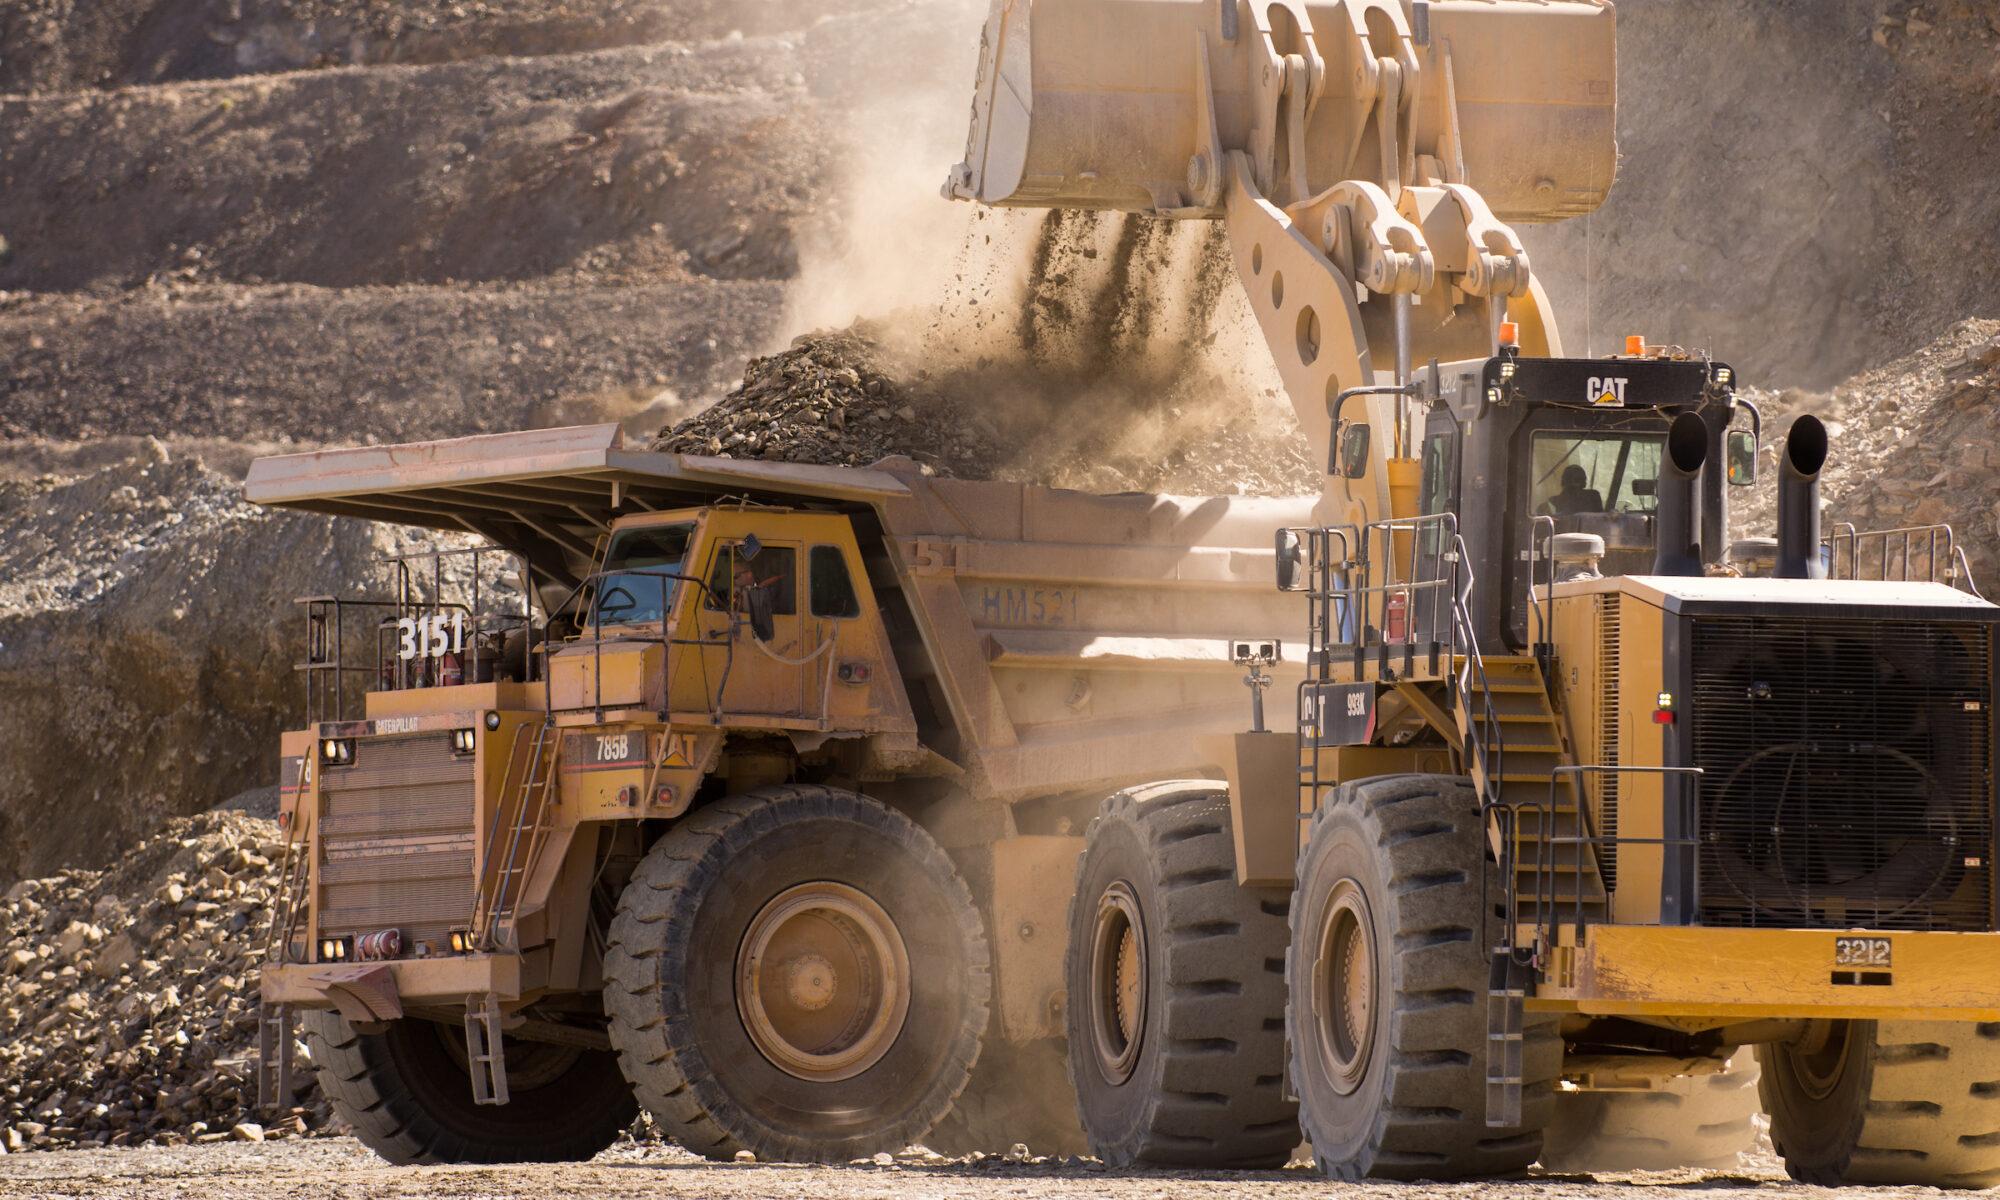 Trucks at mine site.